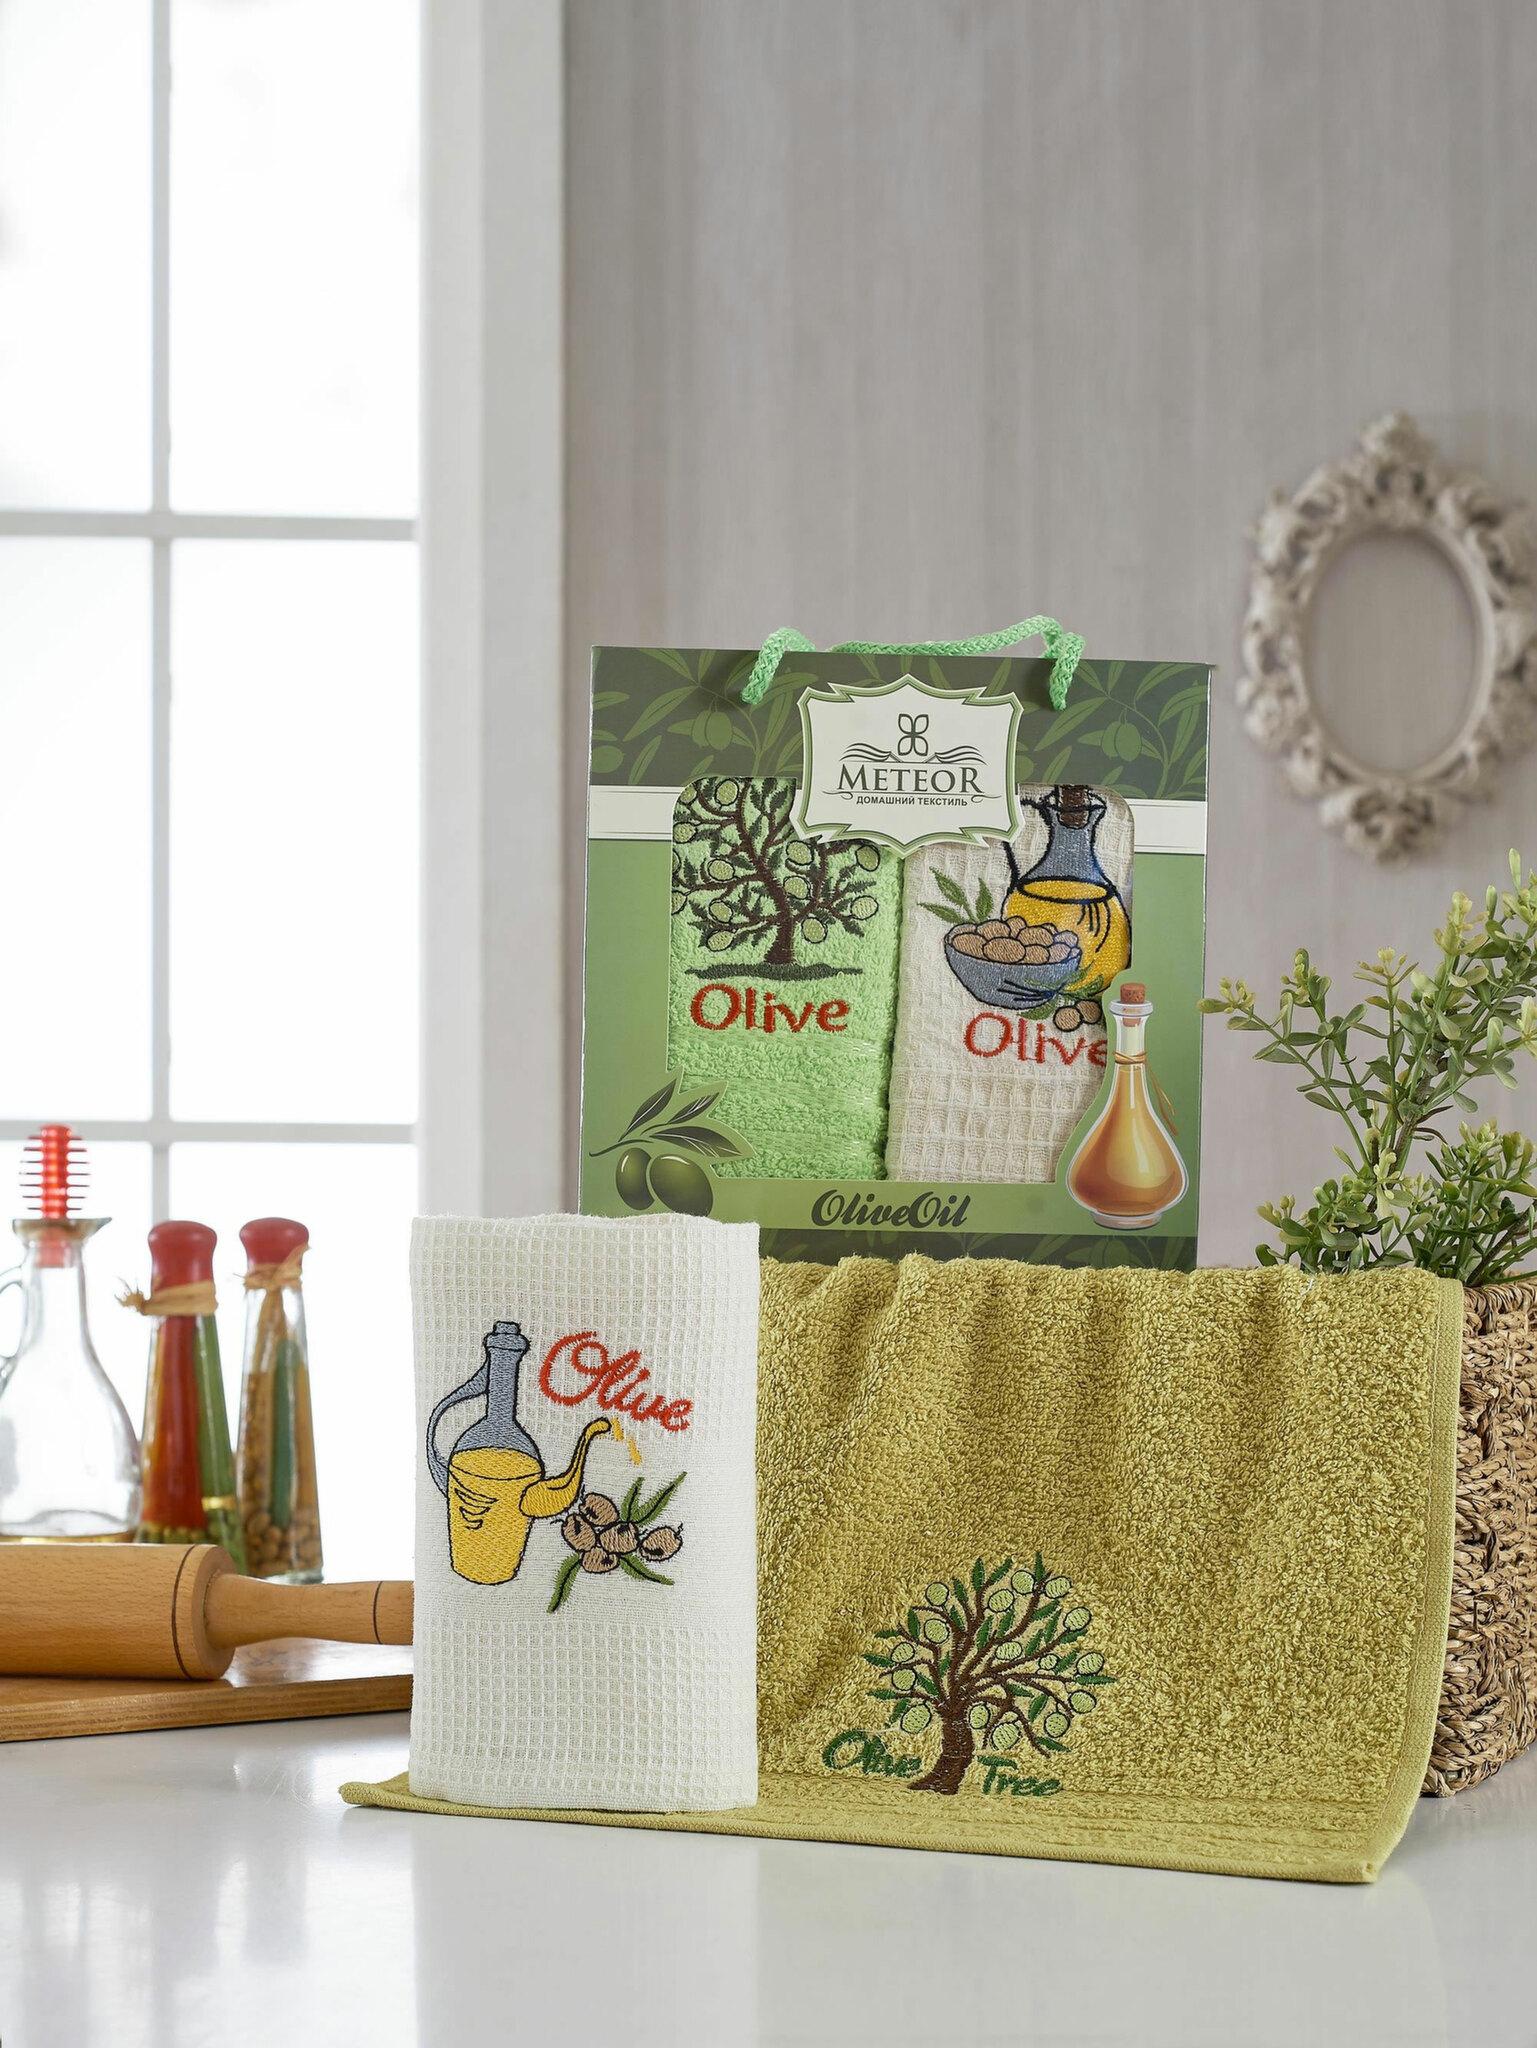 Комплект полотенец 30x50 (2 шт) 9644 Olive Meteor